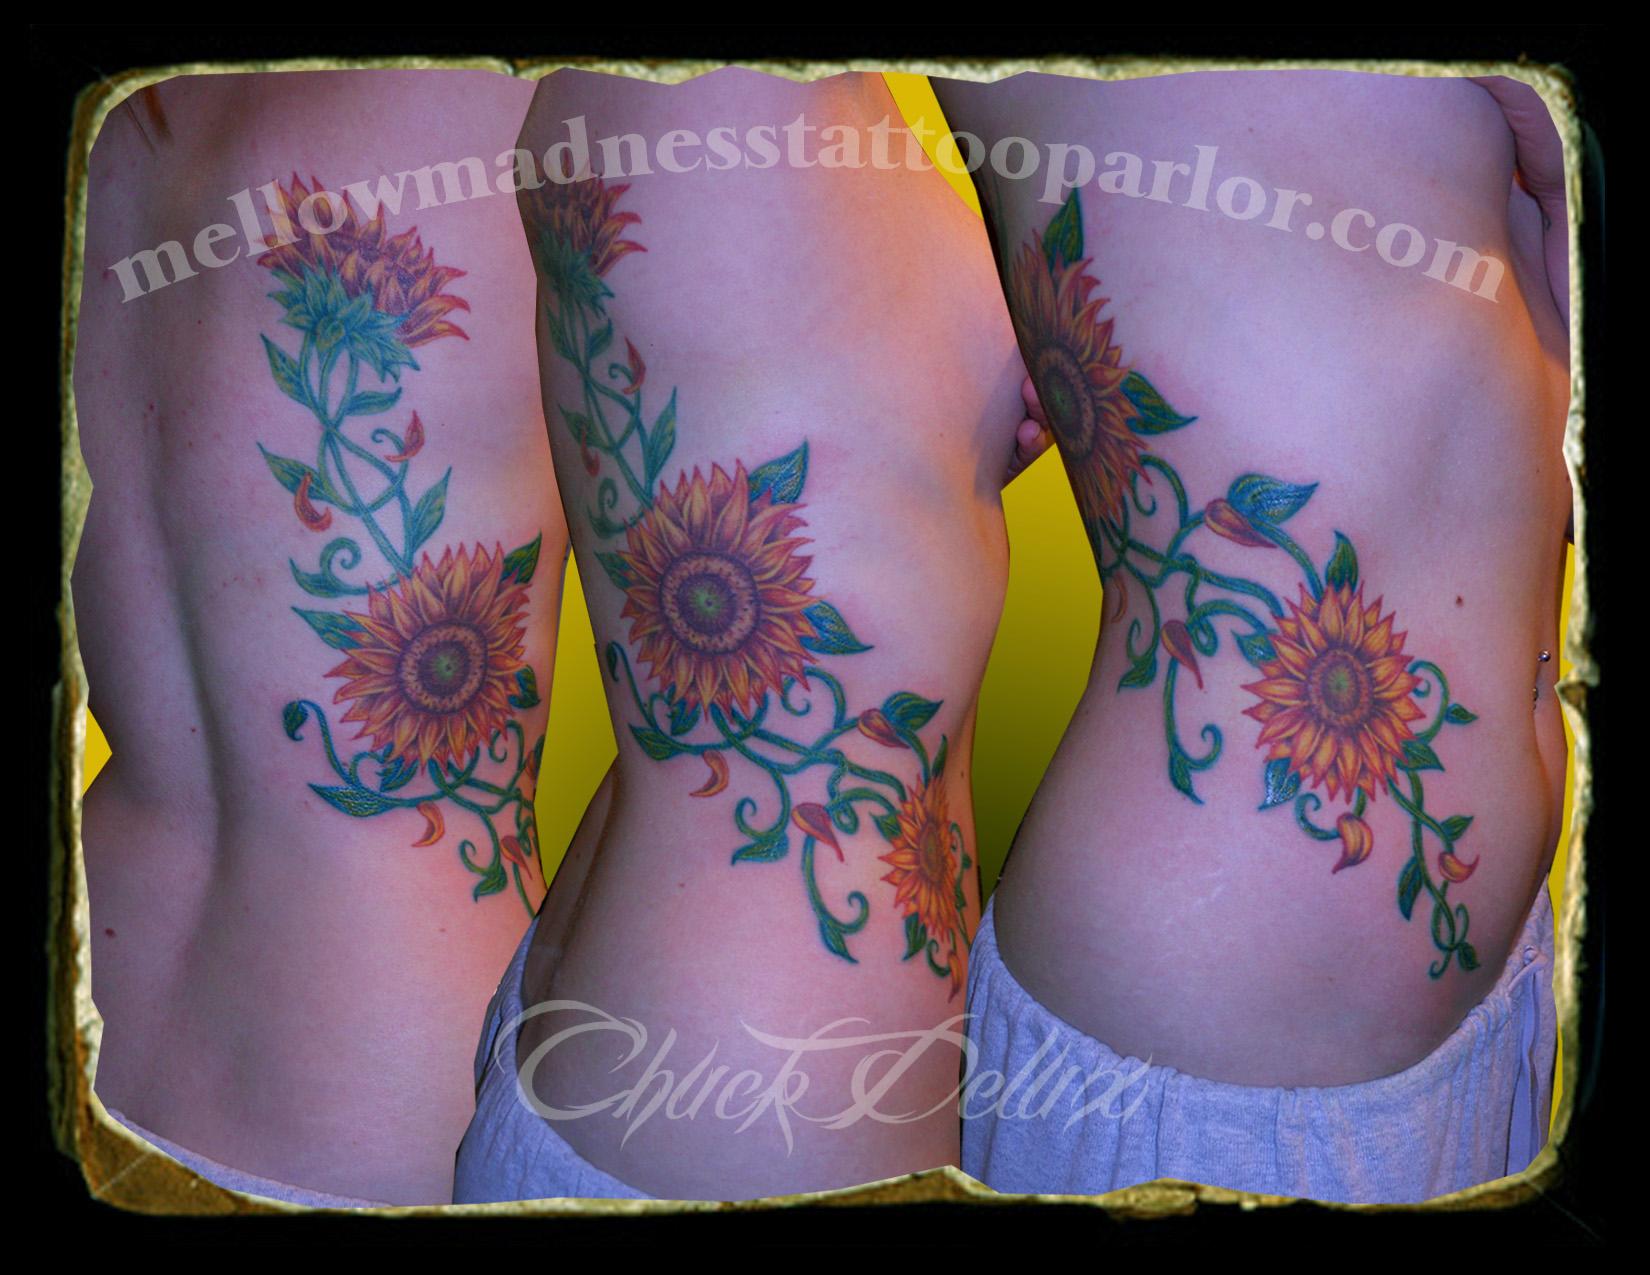 Kristina sunflowers